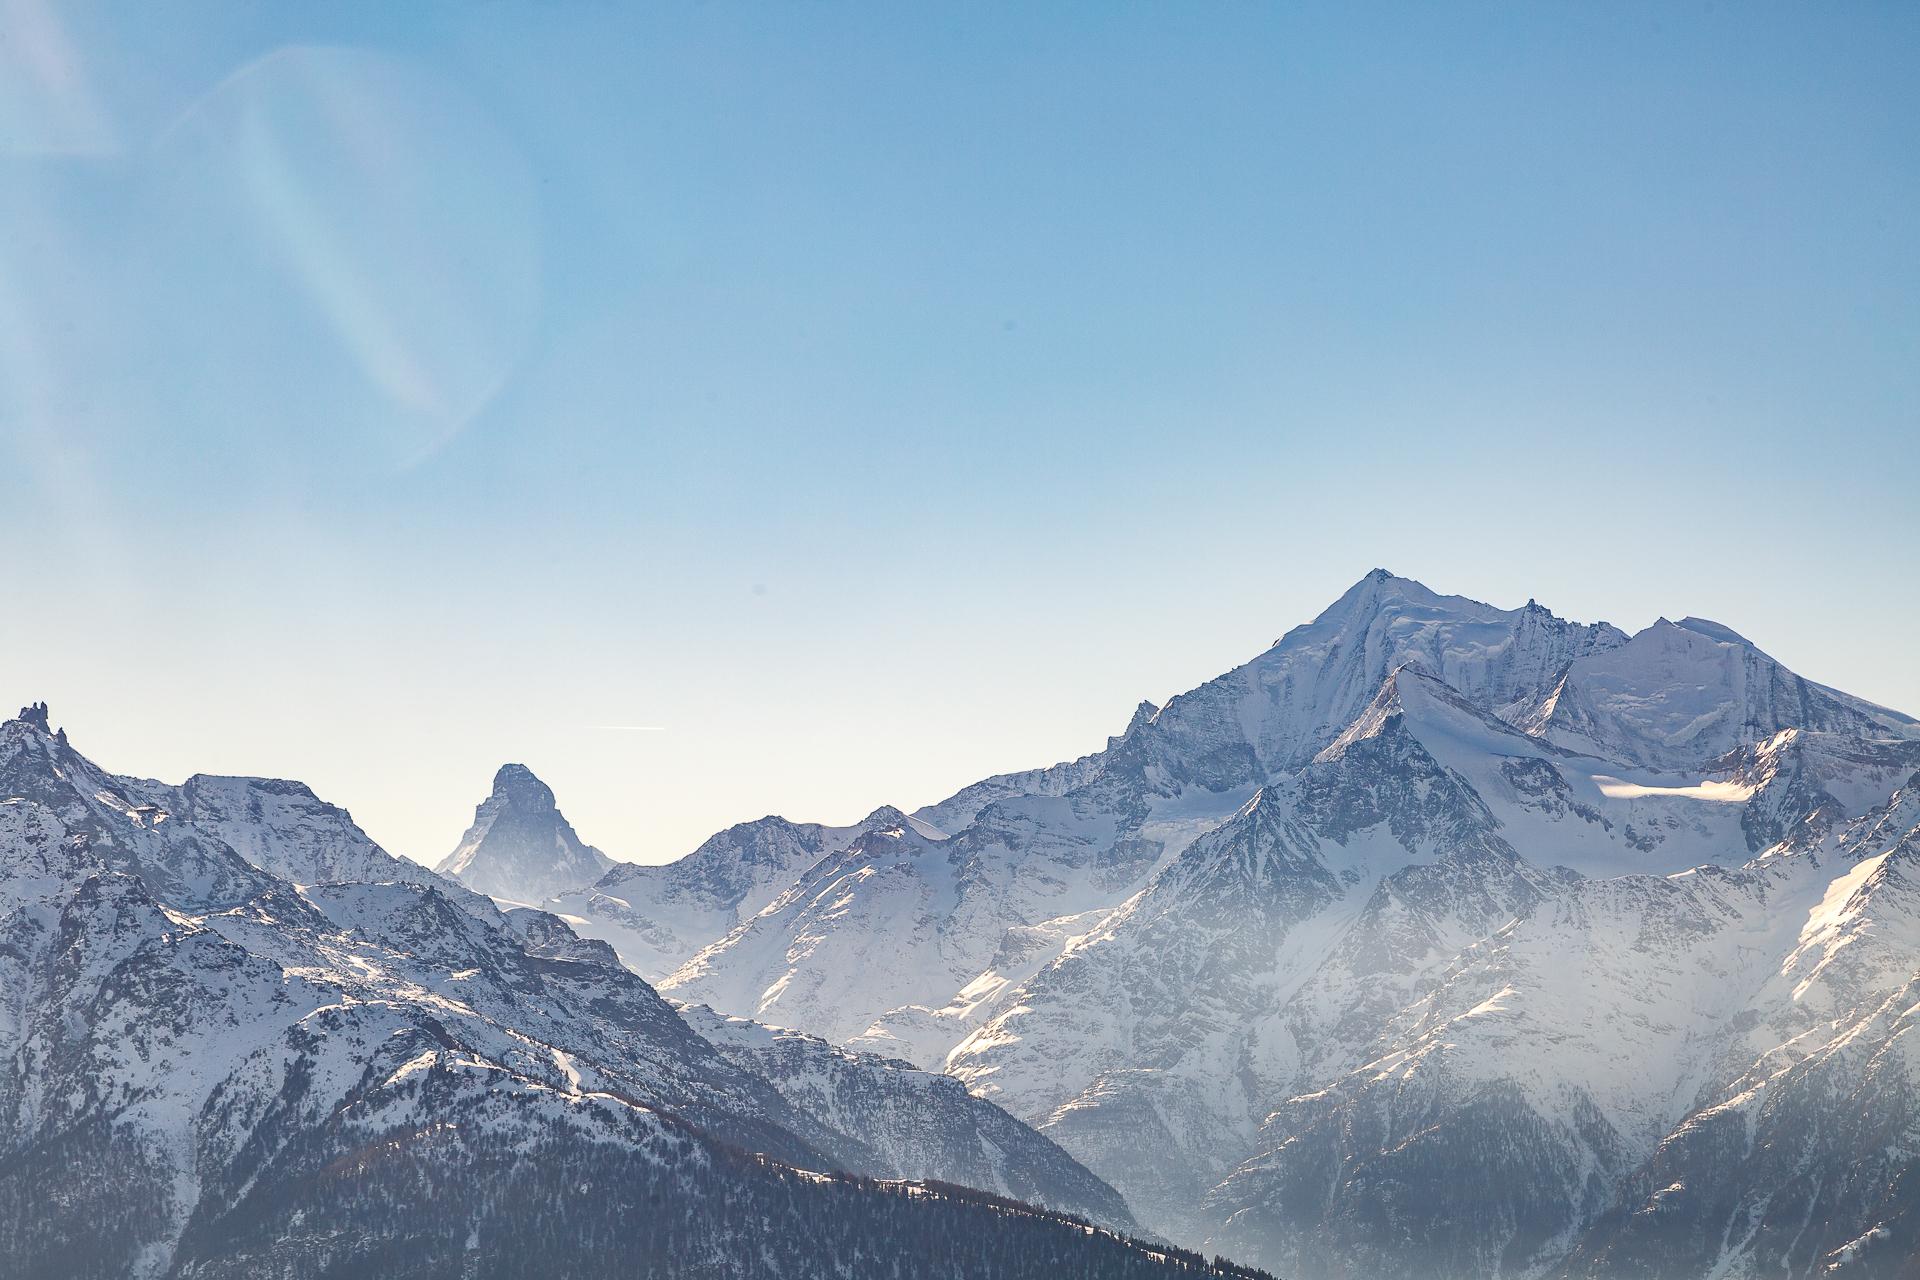 Panorama-Schneeschuhwandern-Matterhorn